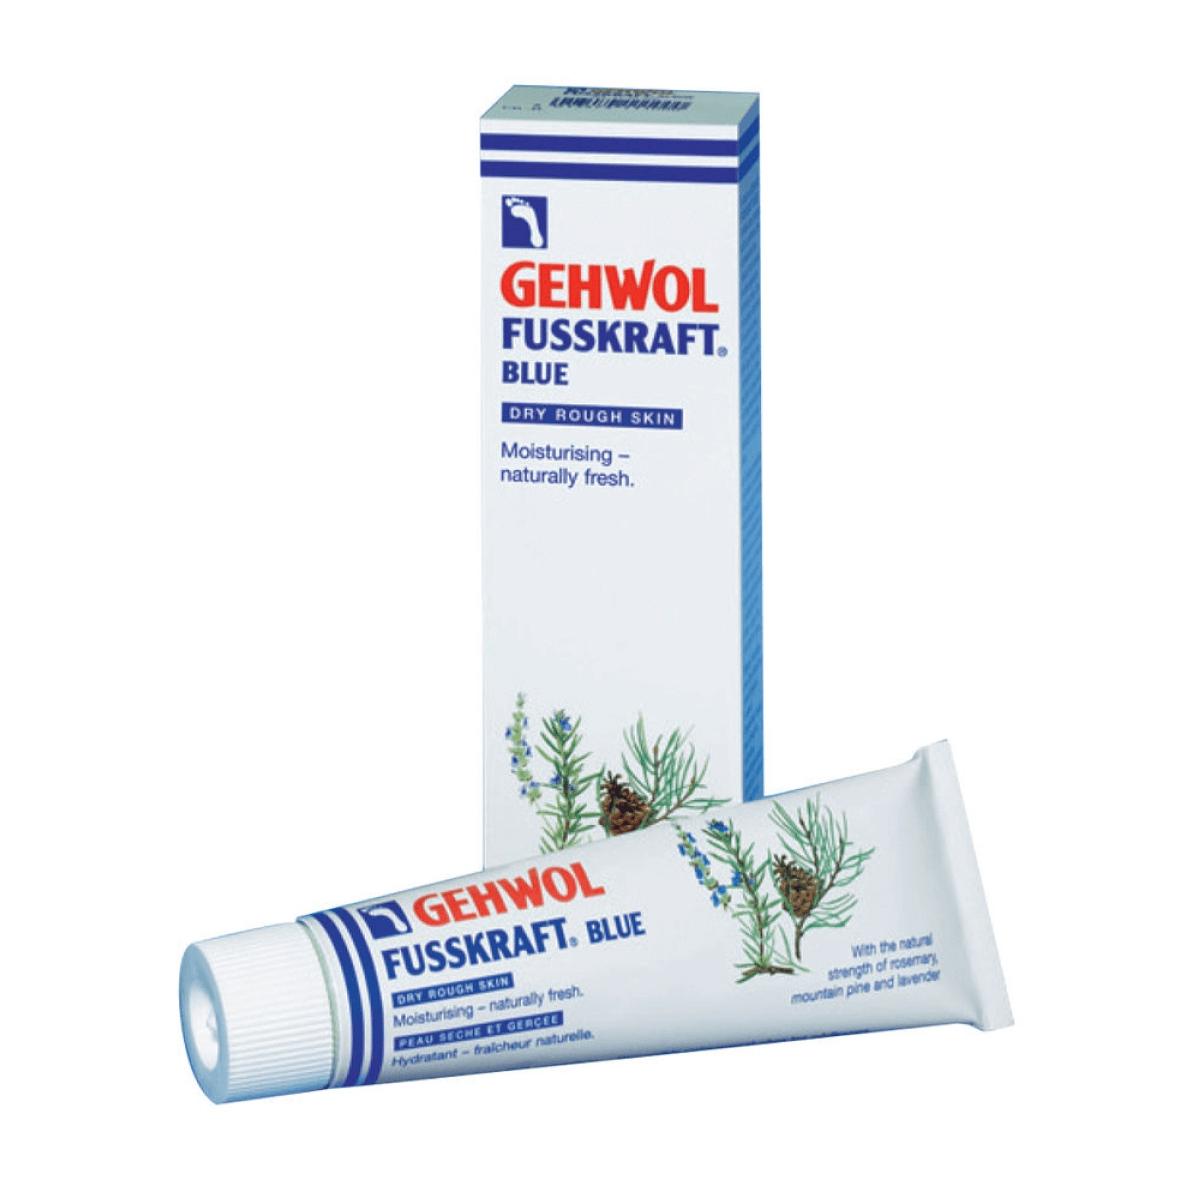 Gehwol Fusskraft Blue Κρέμα ενάντια στο ξηρό και σκληρό δέρμα των ποδιών 75ml